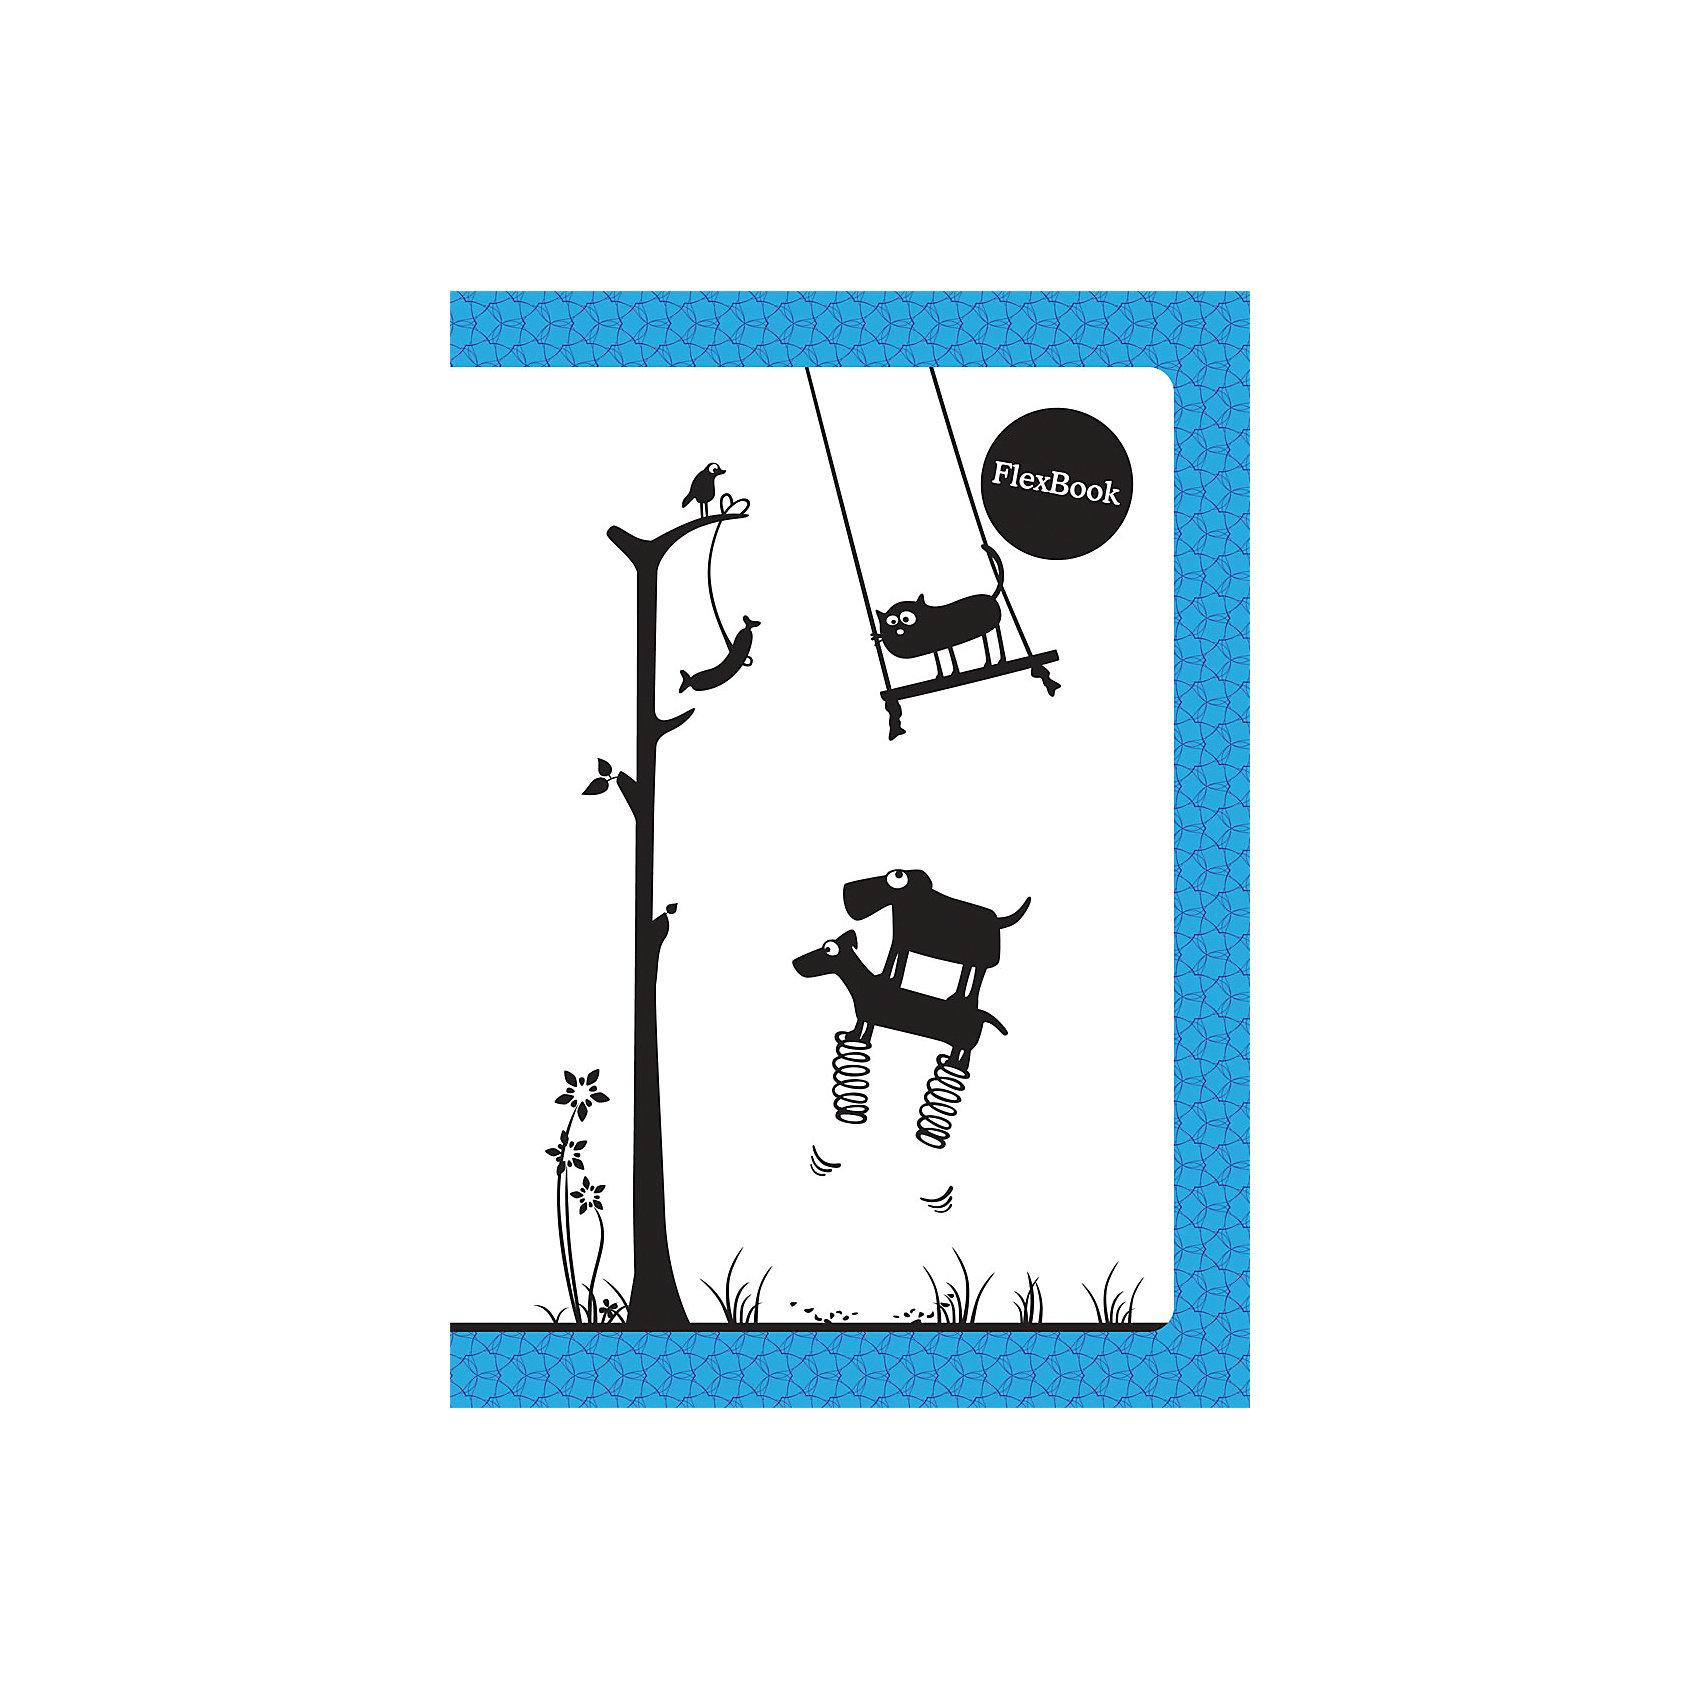 Голубая тетрадь А5 Flex book 80 листовБумажная продукция<br>Голубая тетрадь А5 Flex book 80 листов<br><br>Характеристики:<br><br>• Количество листов: 80<br>• Формат: А5<br>• Цвет: голубая<br>• Вес: 184г<br>• Размер: 210х7х145мм<br><br>Тетрадь изготовлена по технологии Seihon: креплением тетради служит склейка с добавлением специального клея. Дополнительную прочность такого крепления гарантирует ПВХ корешок, который расположен вертикально на корешке каждой тетради.<br>Такое крепление позволяет тетради:<br>- разворачиваться на 360о<br>- сгибаться и складываться, не ломаясь<br>Такая тетрадь-трансформер будет удобной для всех. В такой тетради можно писать даже навесу. А еще – она будет великолепно подходить для левшей, так как ни спираль, ни скрепка не будут в этом случае мешать письму.<br>Мелованная обложка с полноцветной печатью и блок из белой бумаги плотностью 60г/м2. Тетрадь упакована в полиэтиленовый пакет.<br><br>Ширина мм: 210<br>Глубина мм: 7<br>Высота мм: 145<br>Вес г: 184<br>Возраст от месяцев: 84<br>Возраст до месяцев: 360<br>Пол: Унисекс<br>Возраст: Детский<br>SKU: 5390355